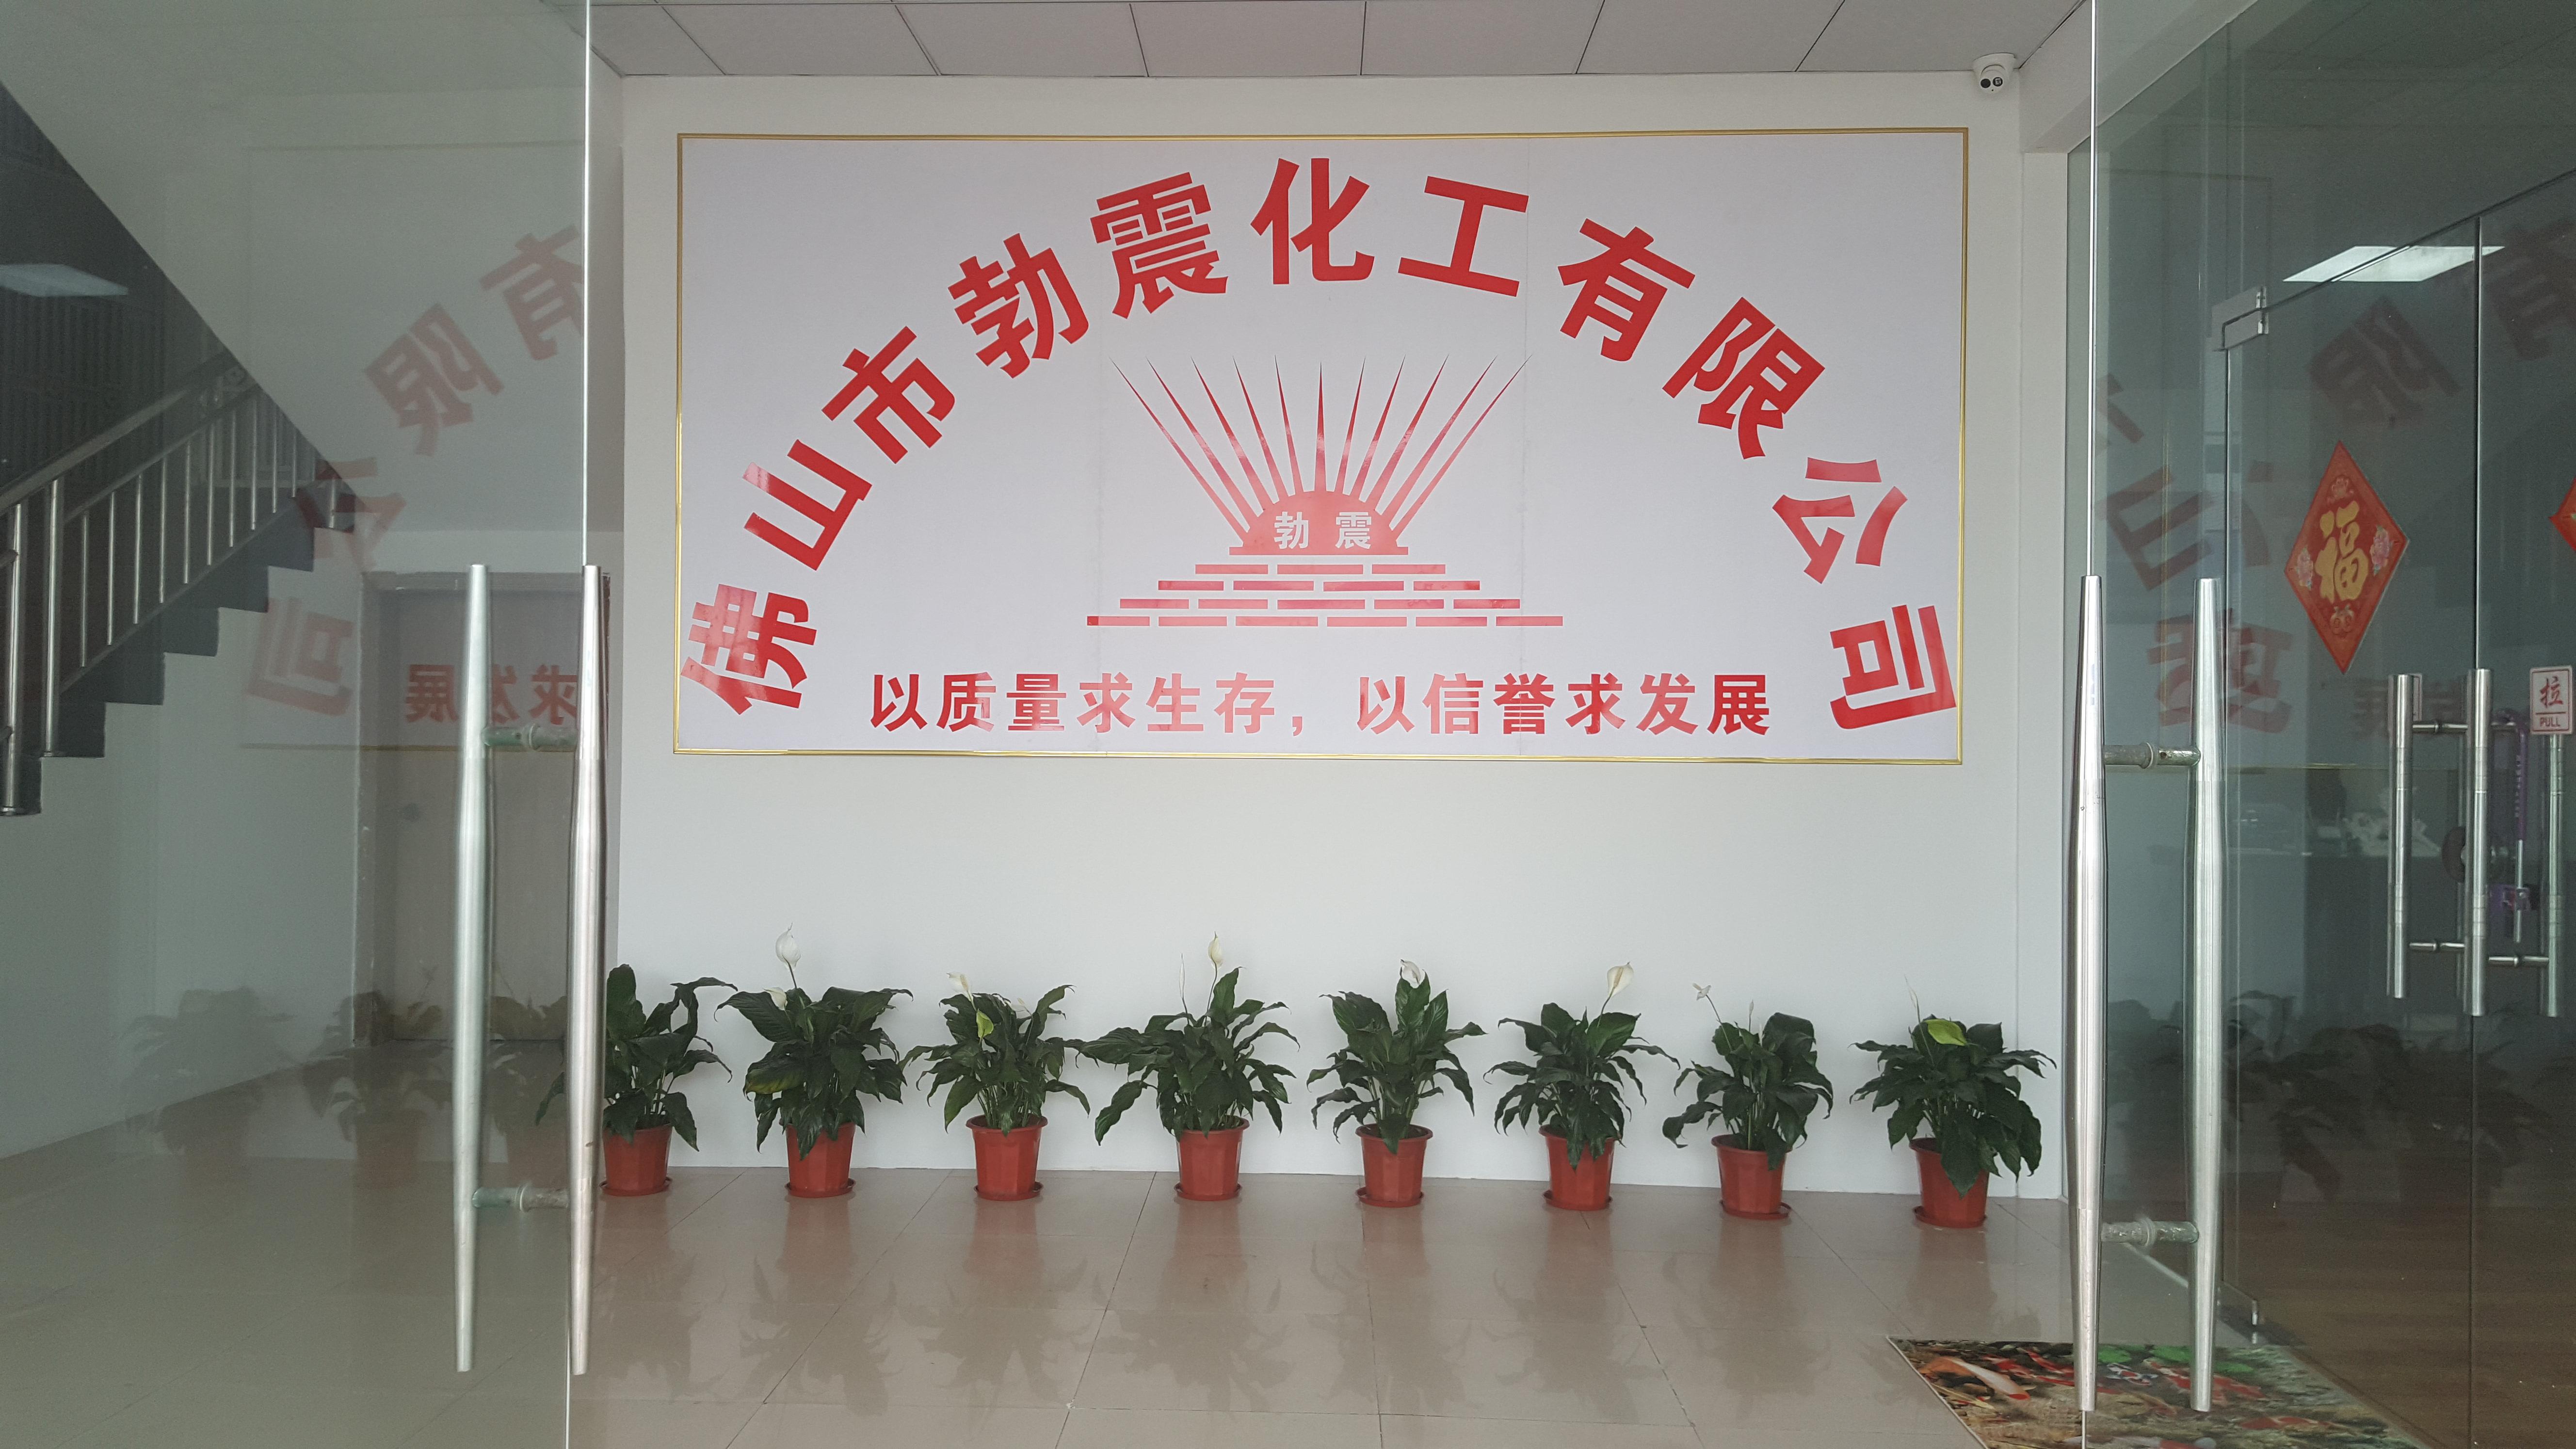 勃震化工厂家直销印花专用滑石粉,滑石粉的功效与用途,佛山高白滑石粉厂家